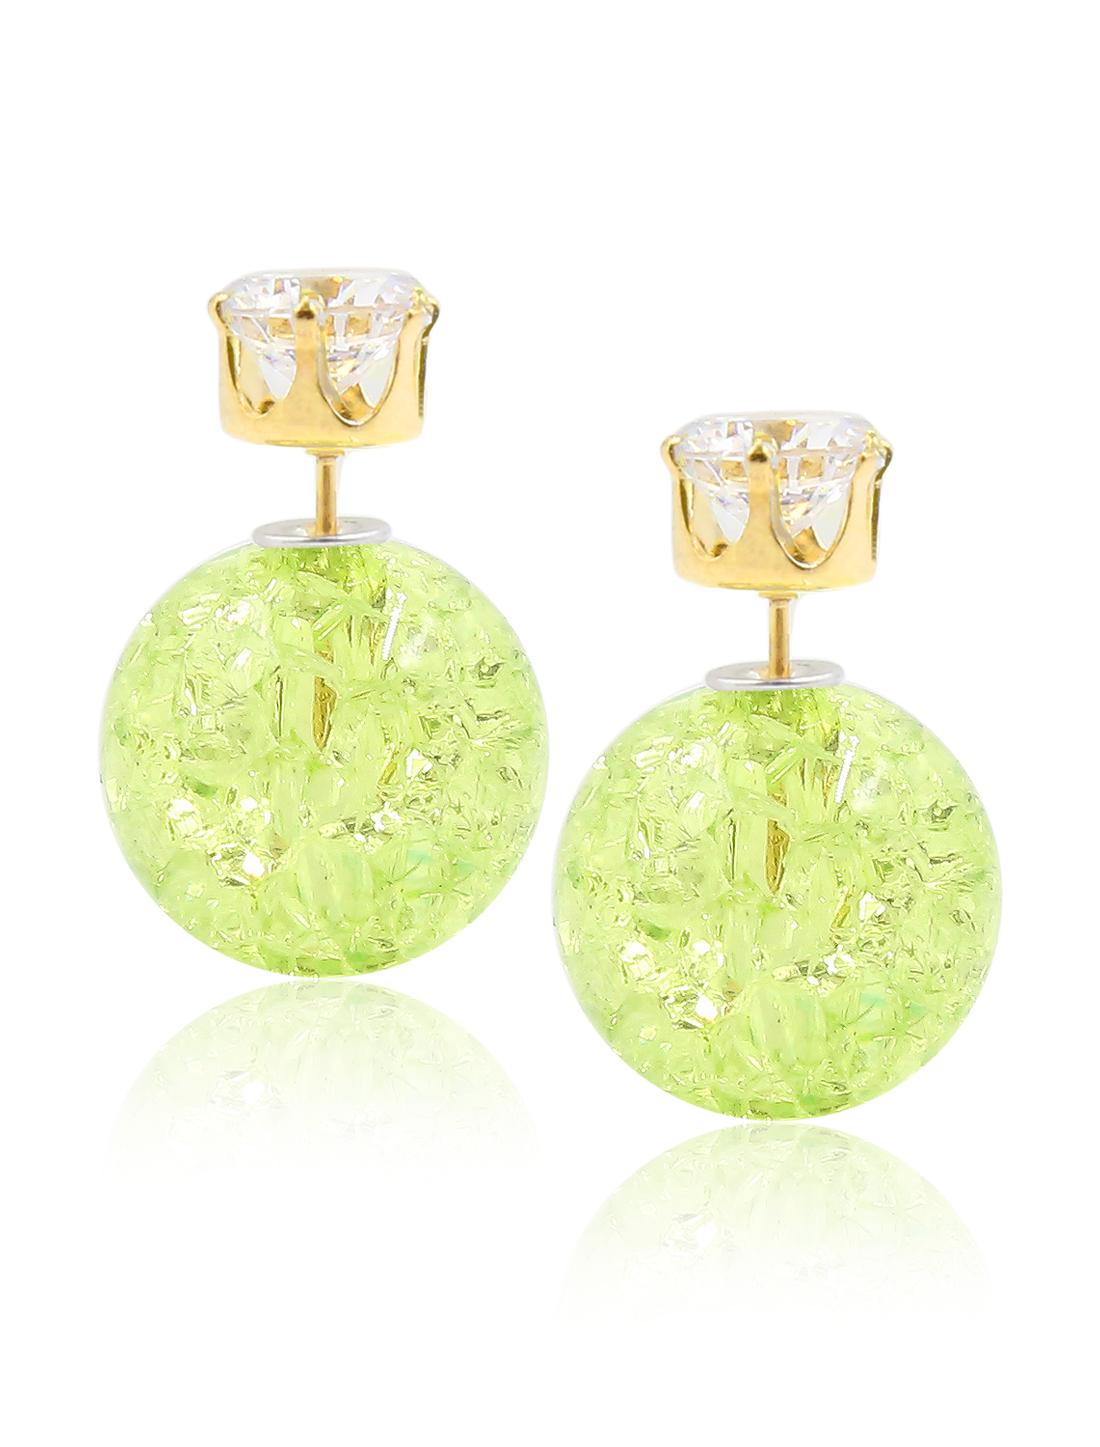 Fashion Women Elegant Double Sides Zircon Faux Crystal Ball Earrings Ear Stud 1 Pair Green